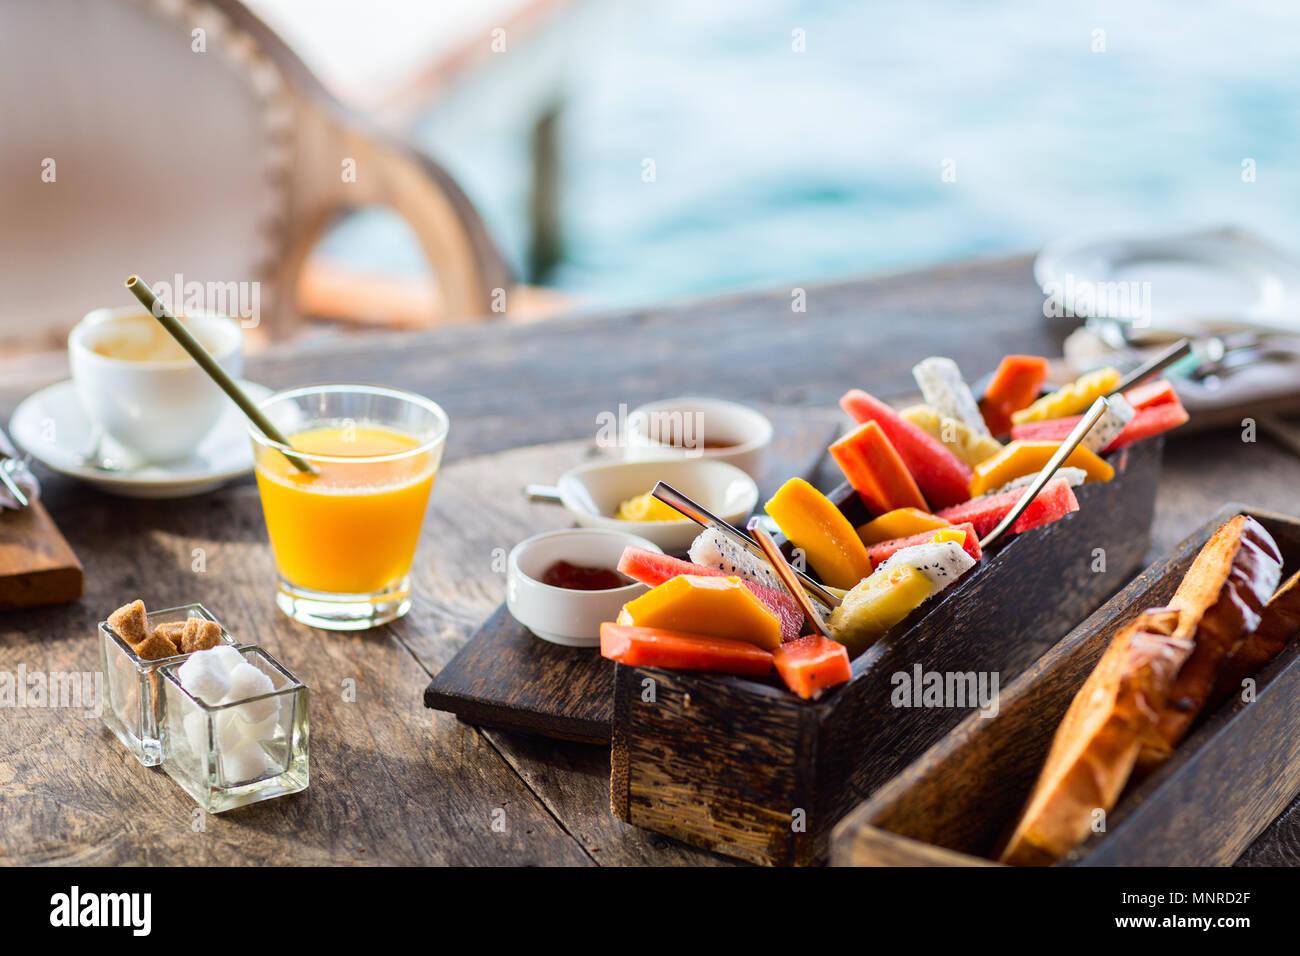 Close up of delicious les aliments biologiques servis pour le petit-déjeuner sur la table en bois rustique. Fruits, jus, pain et confiture. Photo Stock